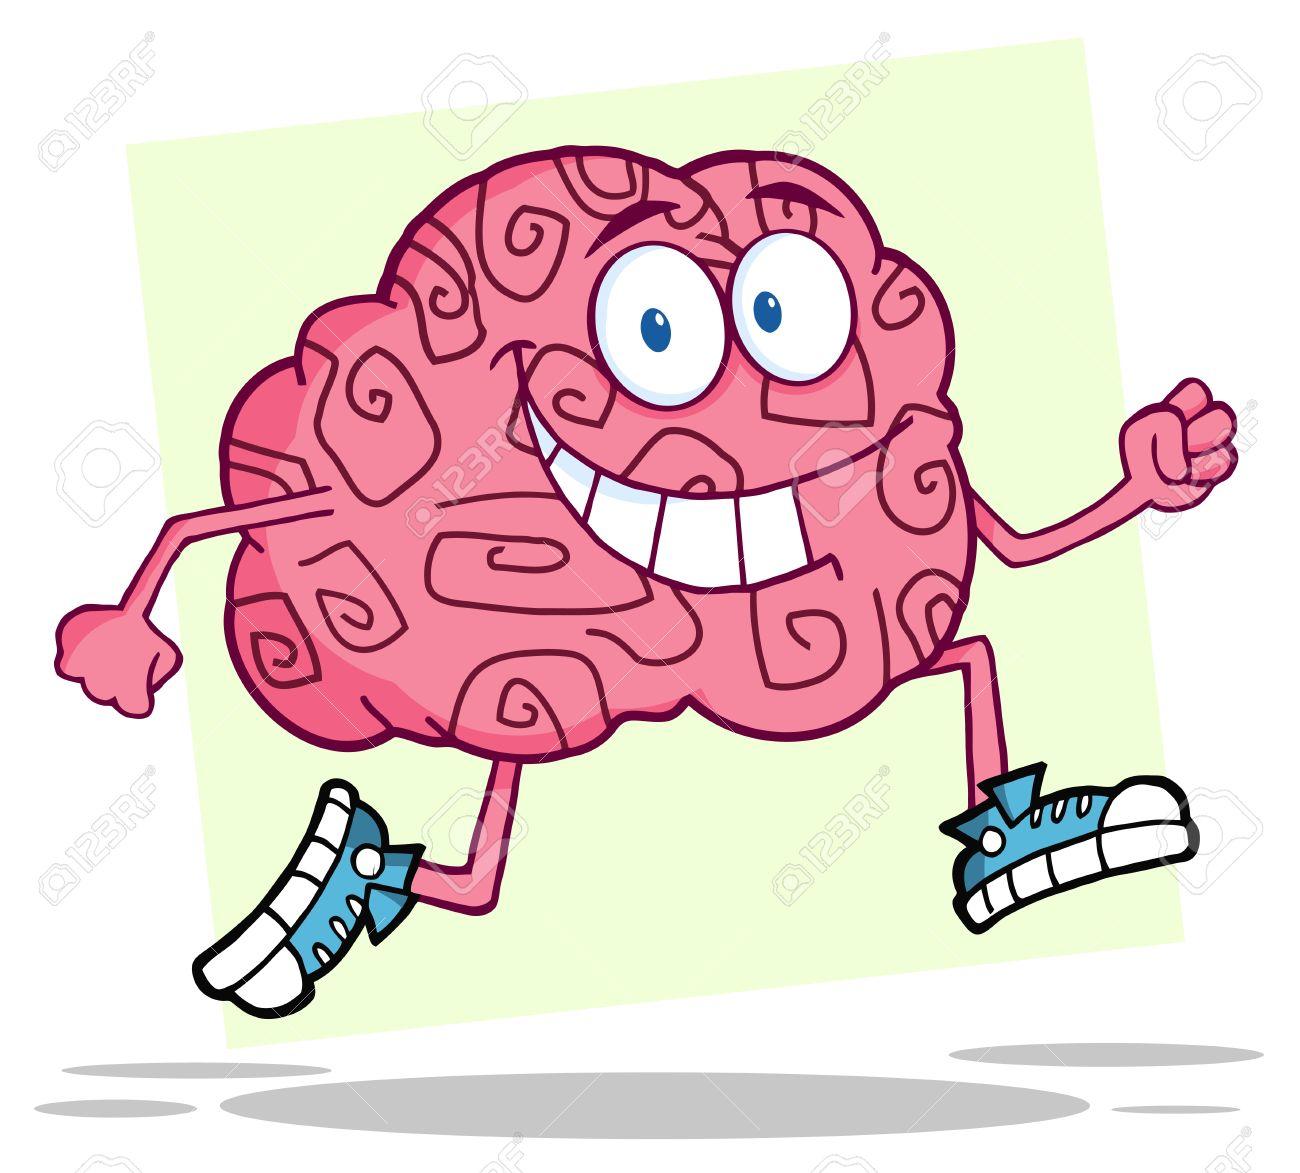 Running Brain - 10391667